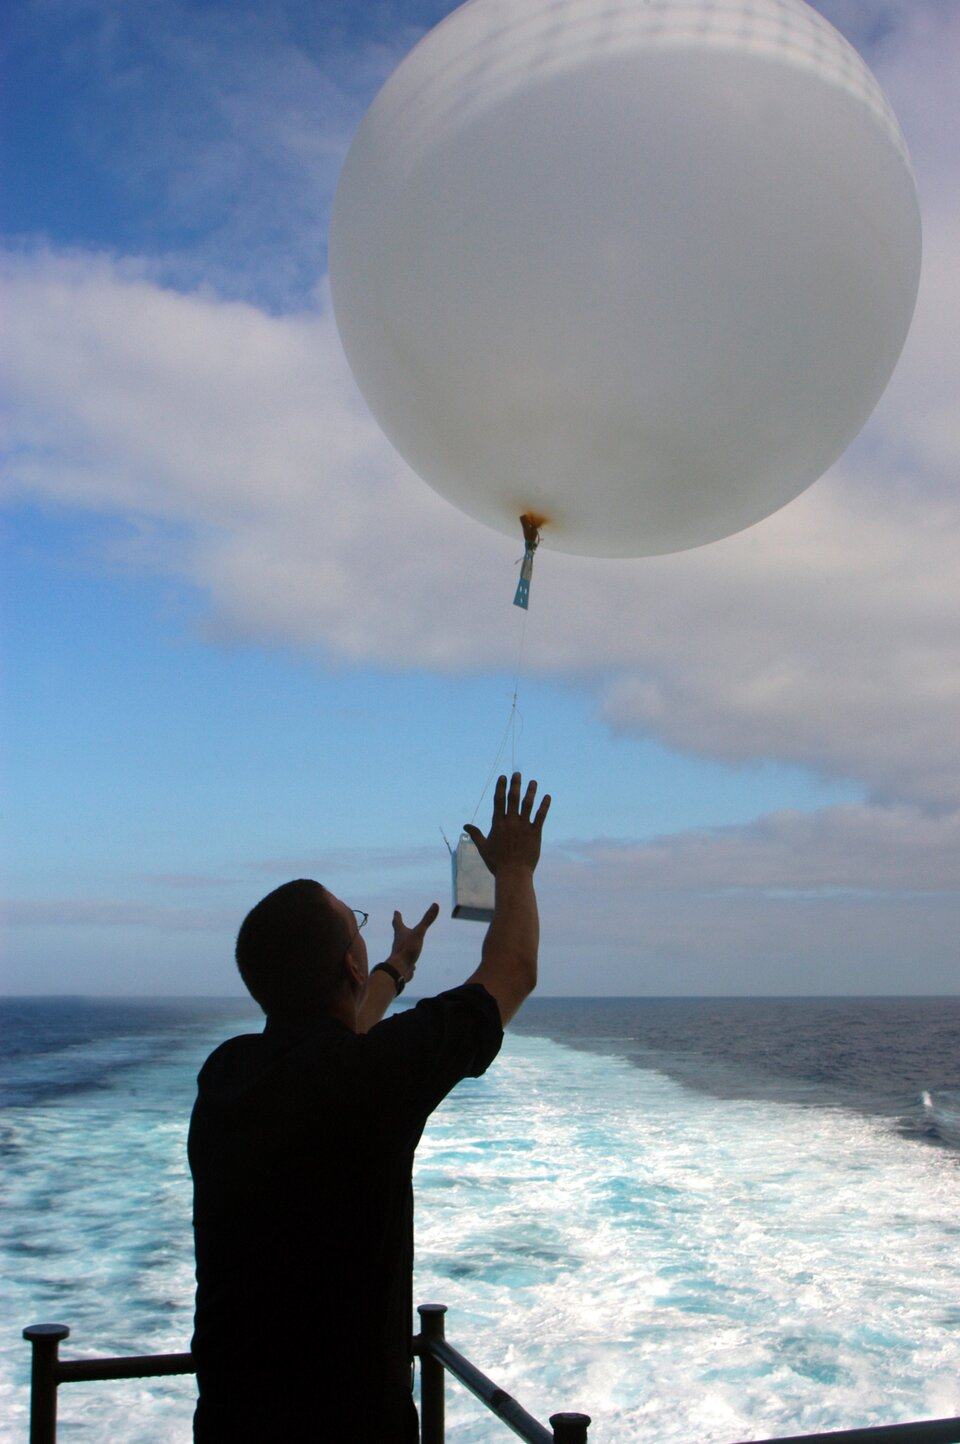 Zdjęcie przedstawia balon meteorologiczny. Niewielki balon ma kształt kuli ośrednicy około dwóch metrów. Pod balonem podwieszona jest skrzynka zprzyrządami służącymi do pomiaru składników pogody.